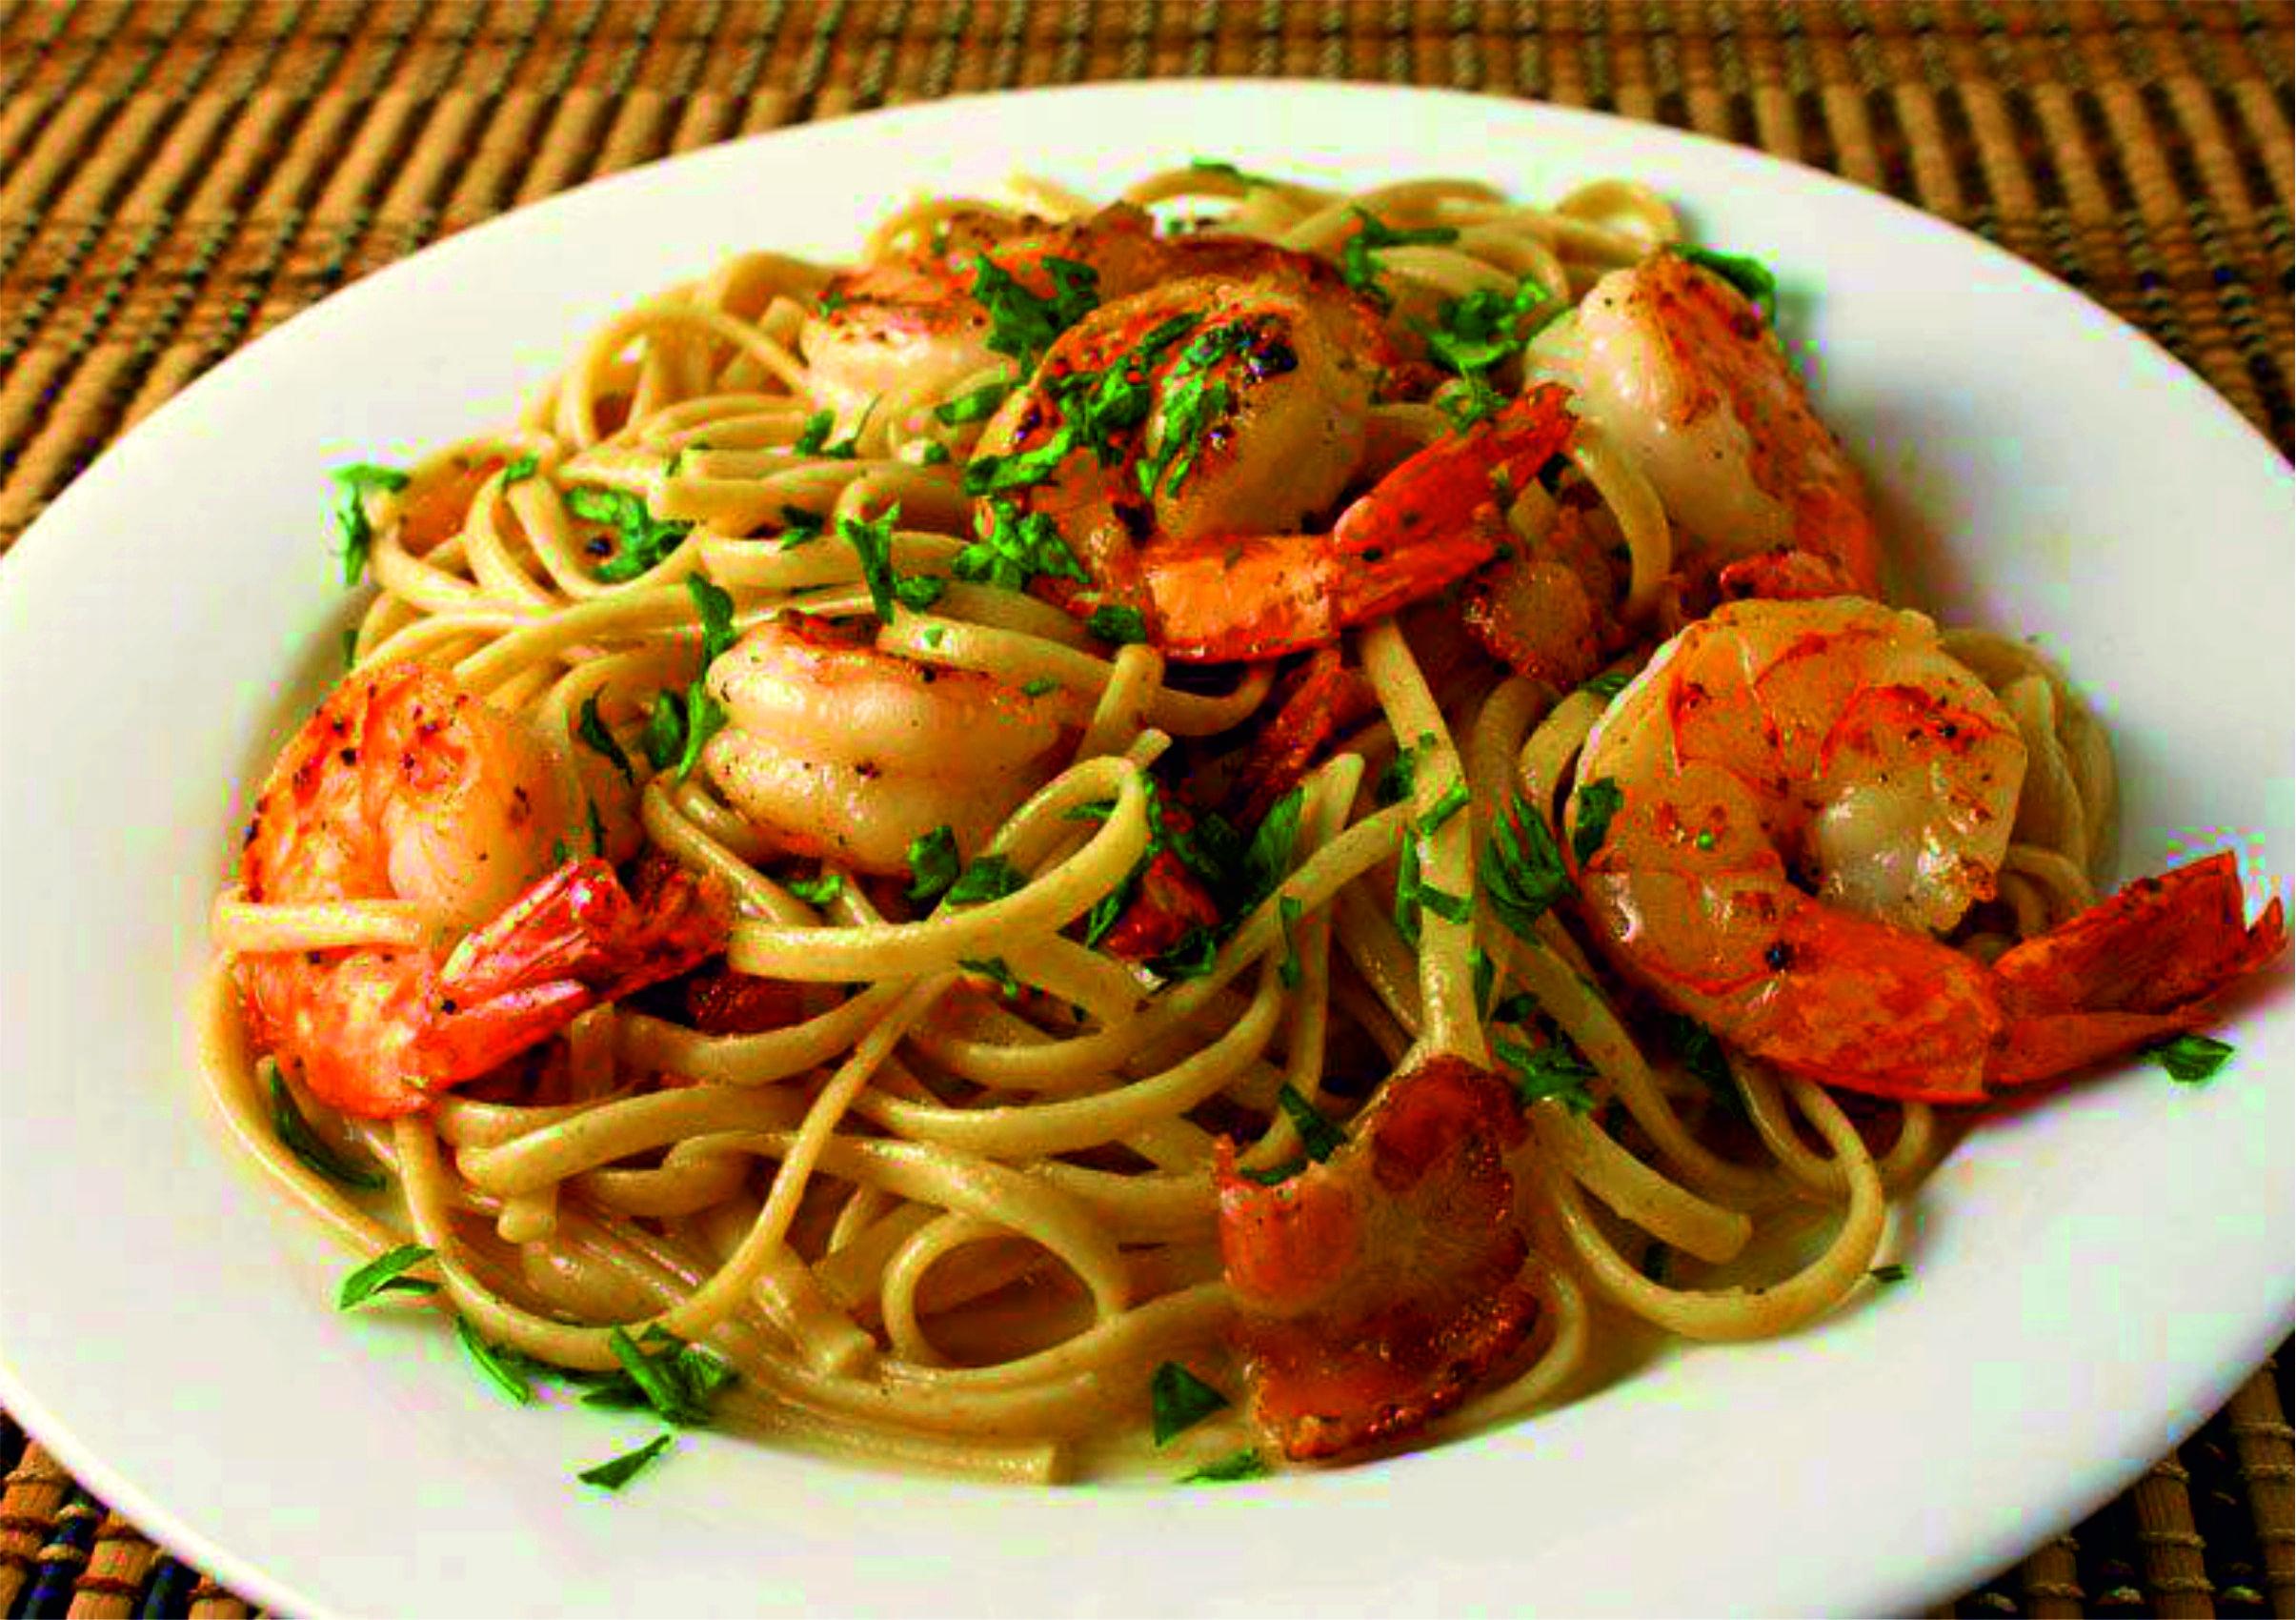 Паста с овощами по-итальянски: пошаговый рецепт, особенности приготовления и отзывы